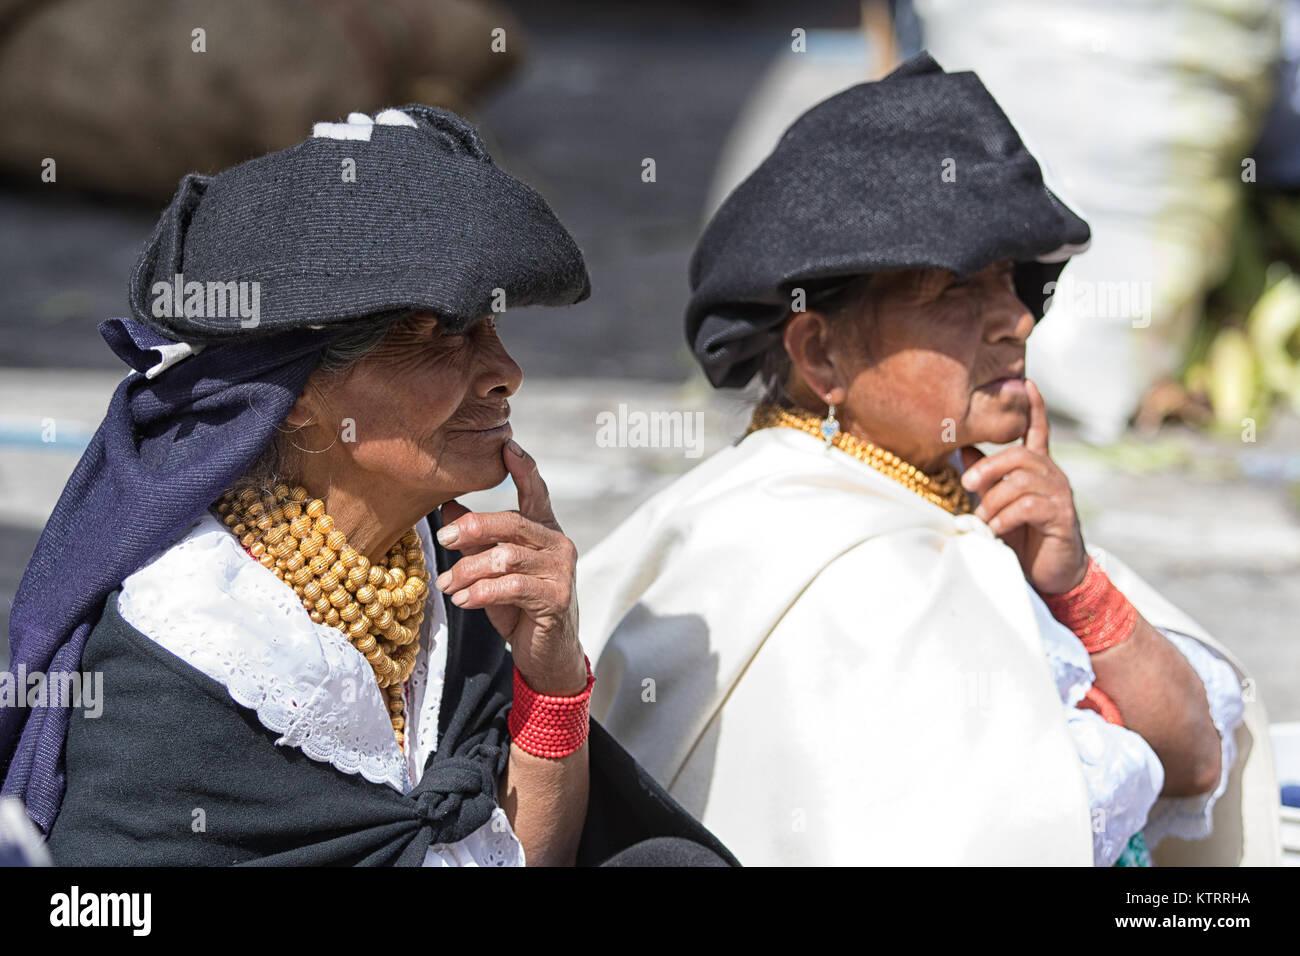 Otavalo, Ecuador-December 23, 2017: las mujeres indígenas quechuas vistiendo ropas tradicionales en el mercado Imagen De Stock